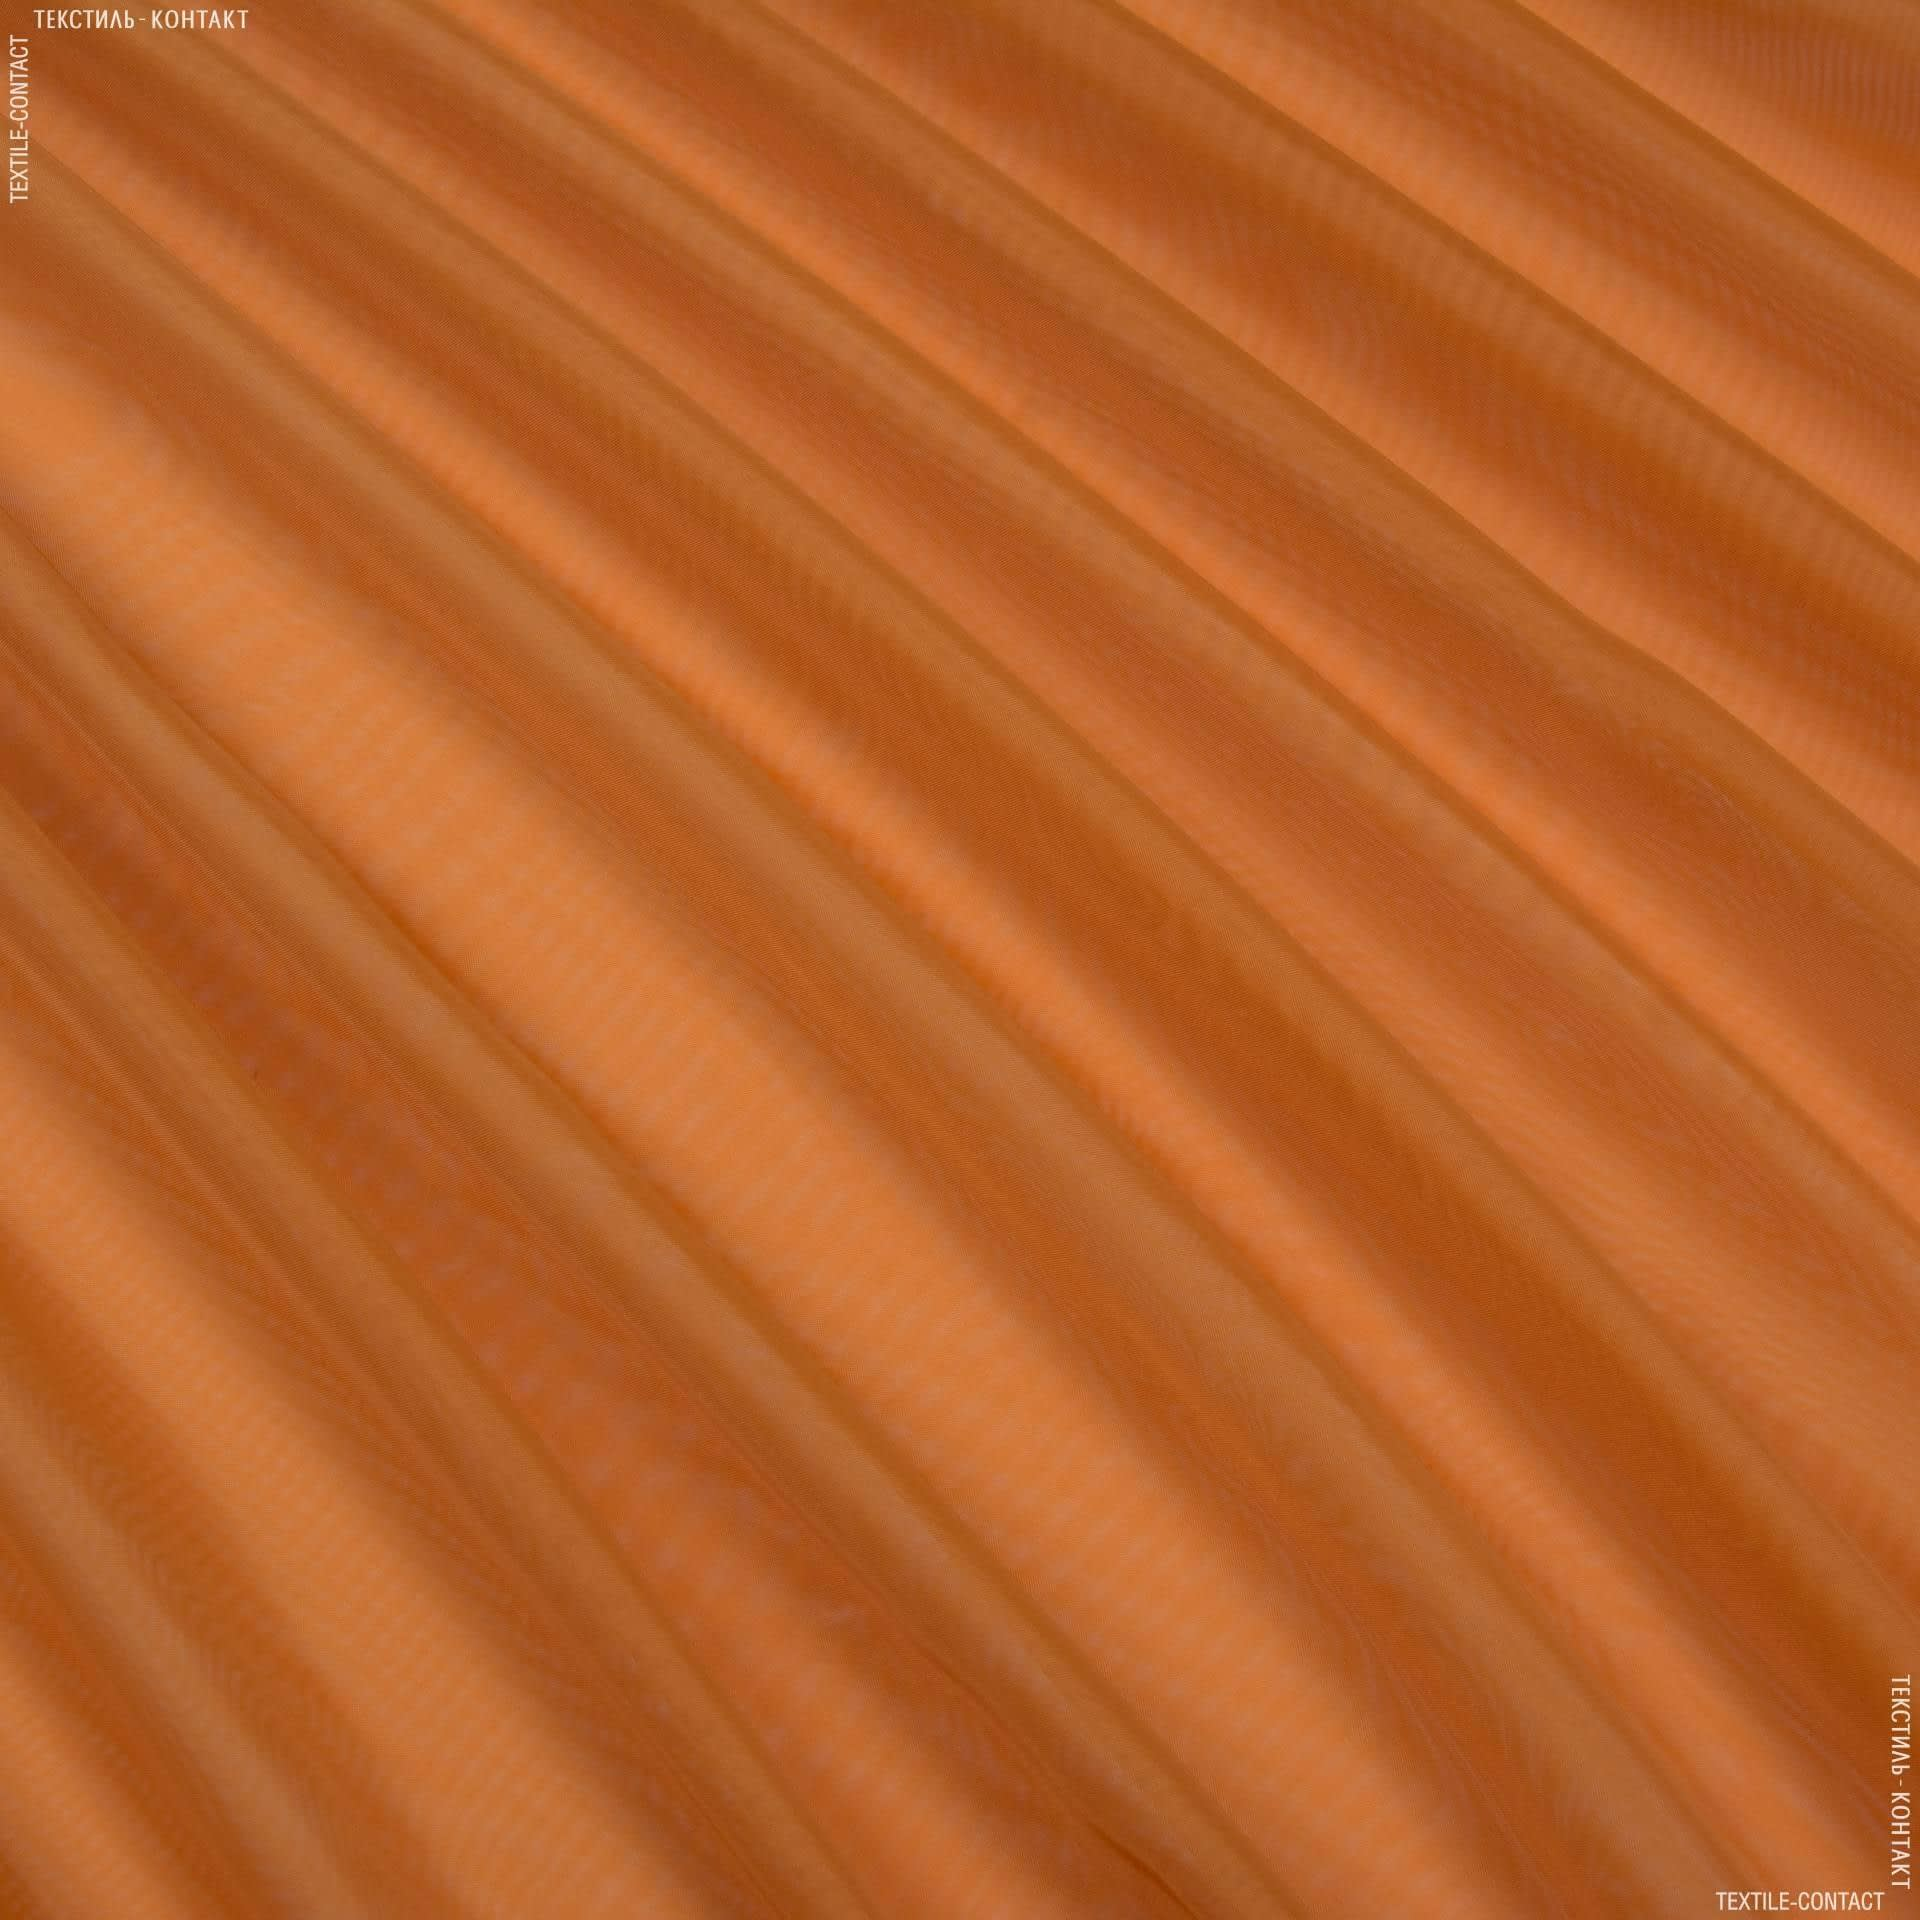 Тканини гардинні тканини - Тюль вуаль охра